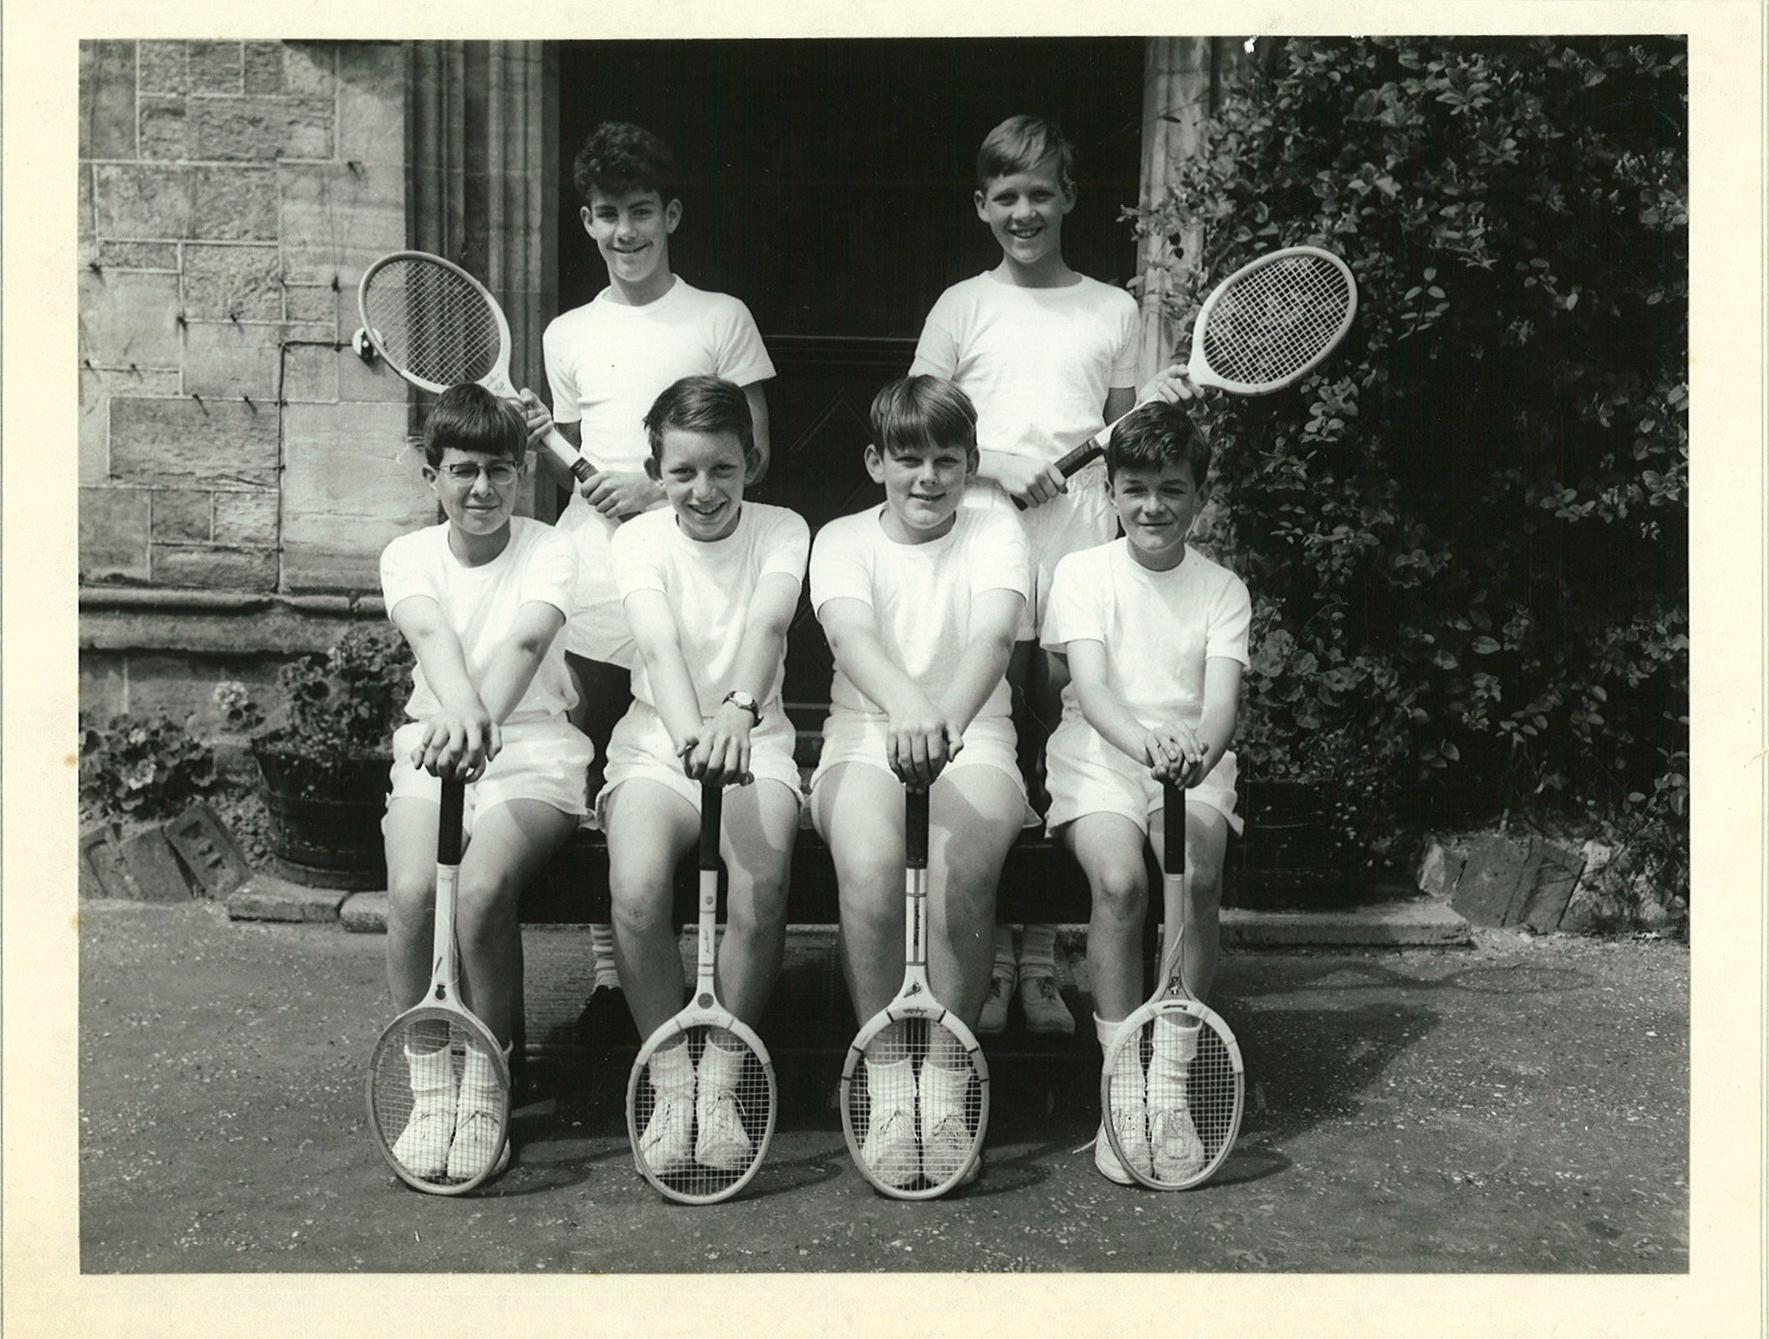 Tennis team (2)